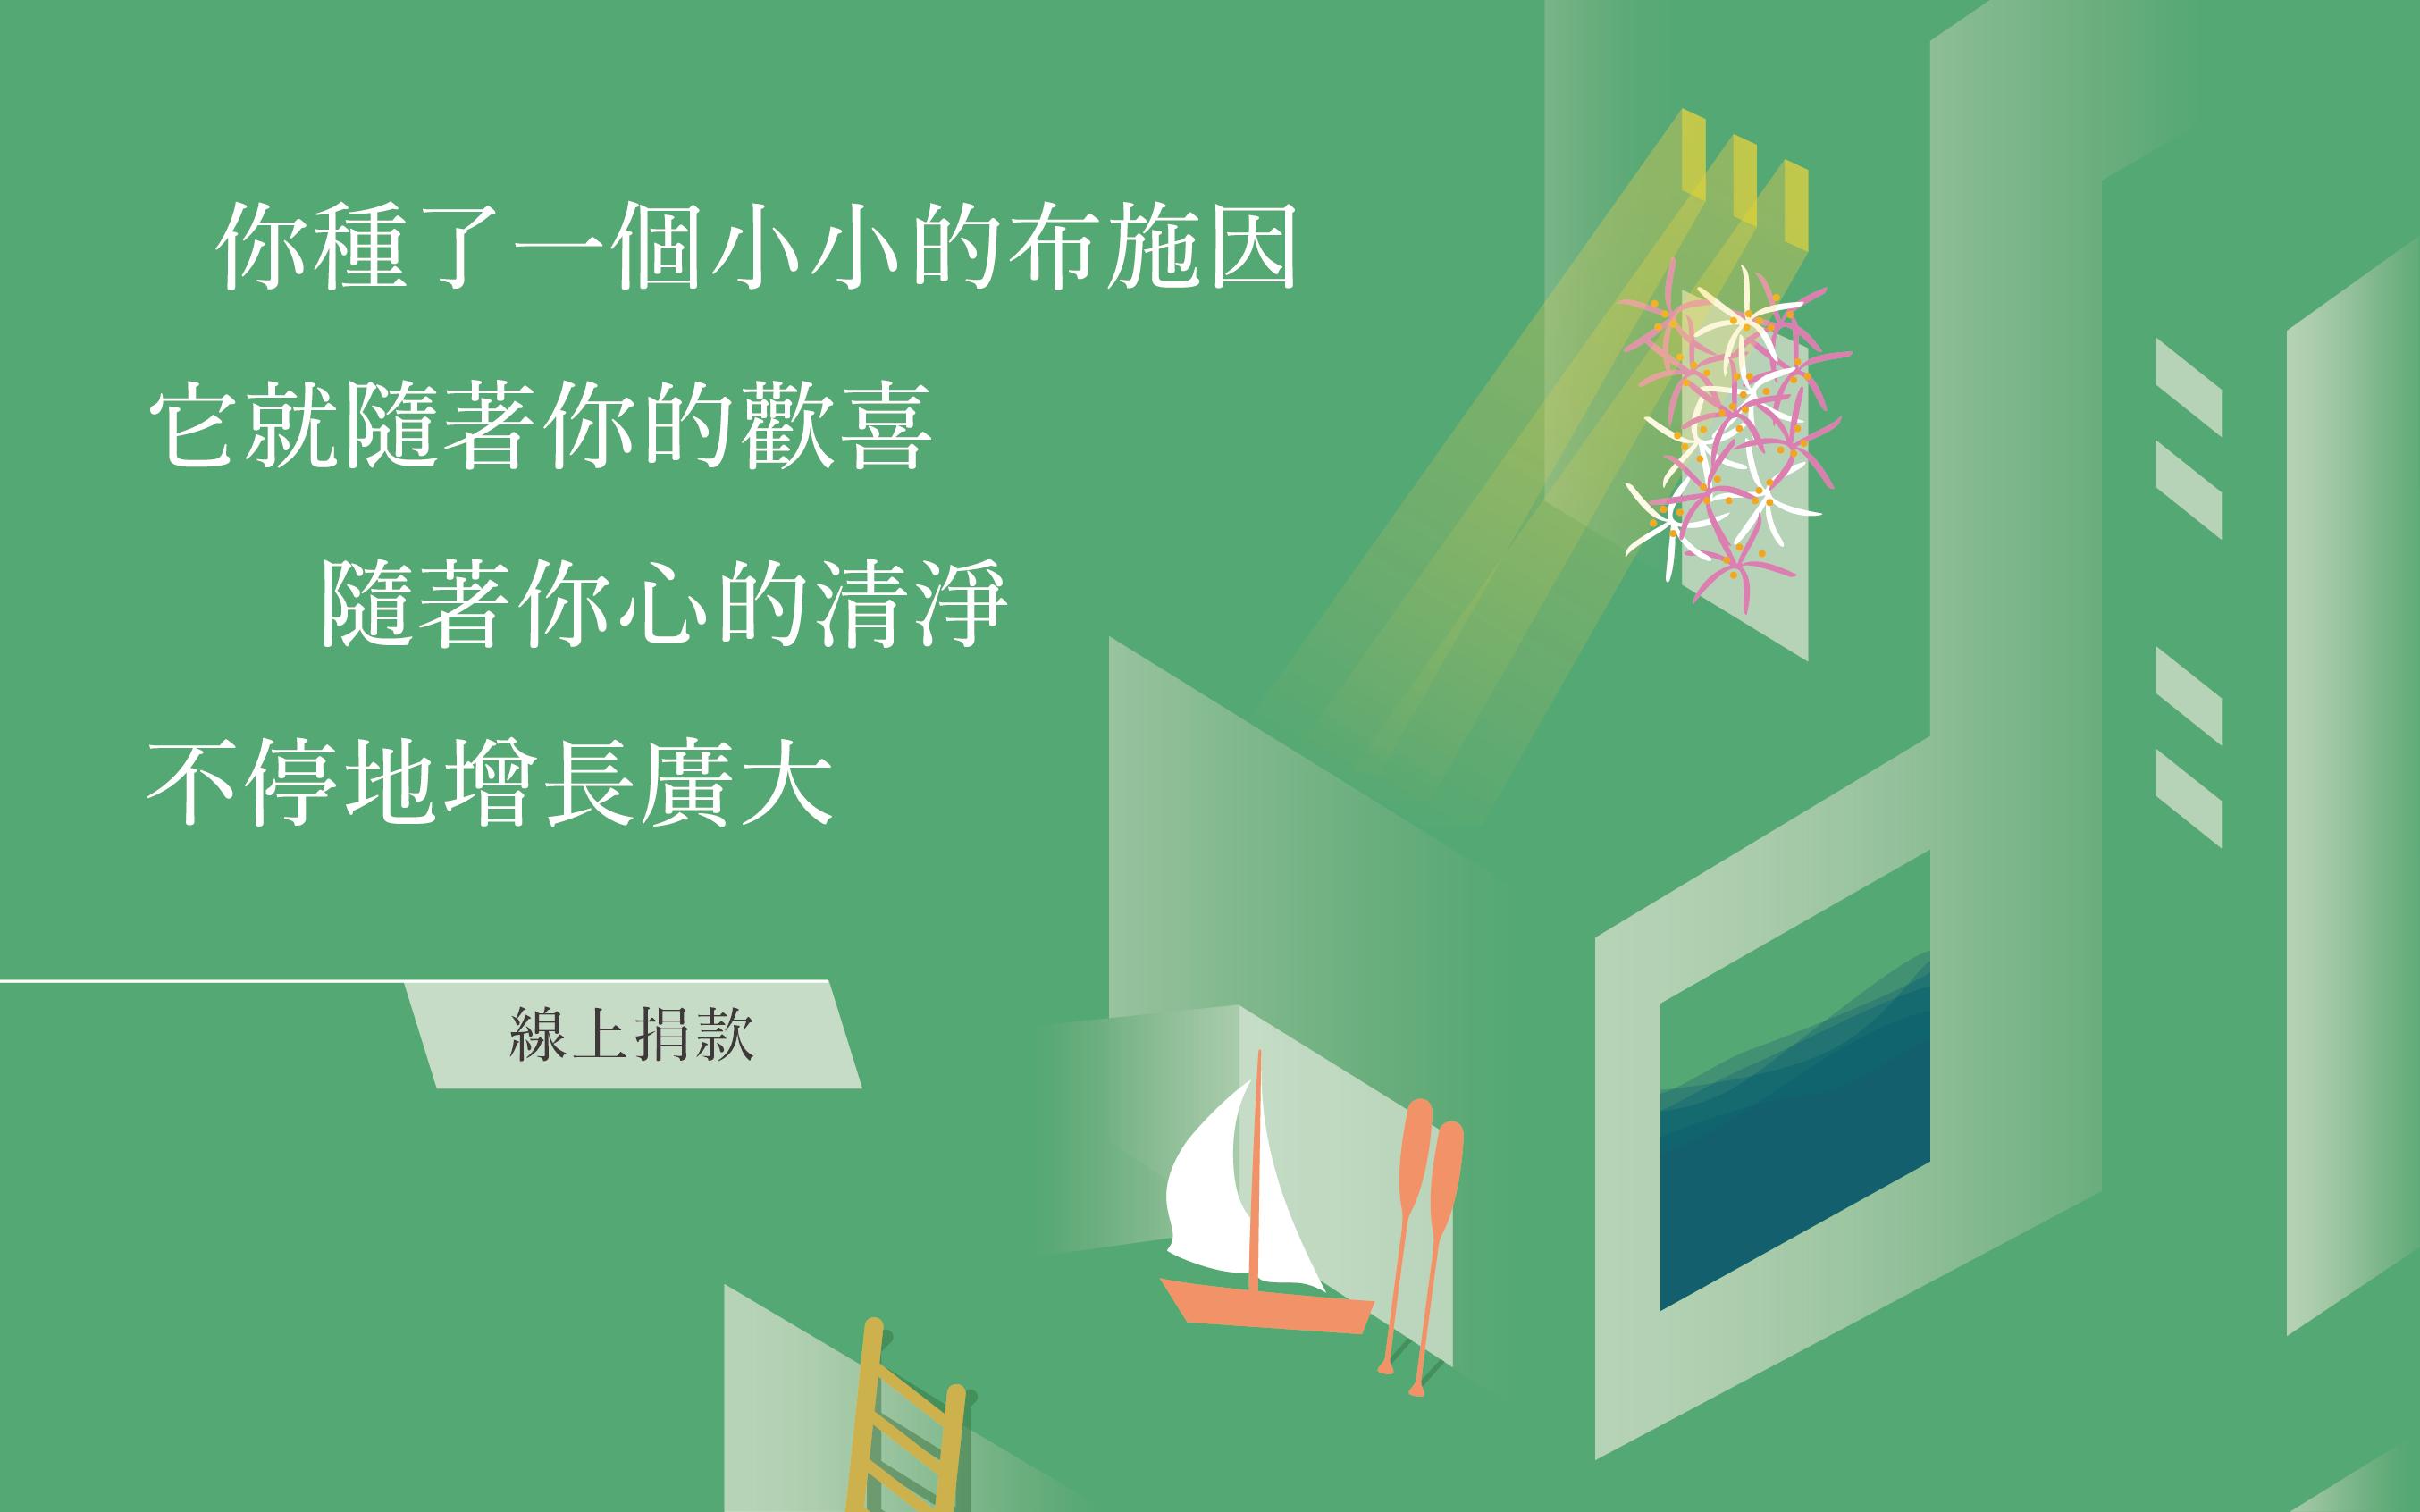 全球资讯_福智全球资讯网「线上捐款服务」改版公告